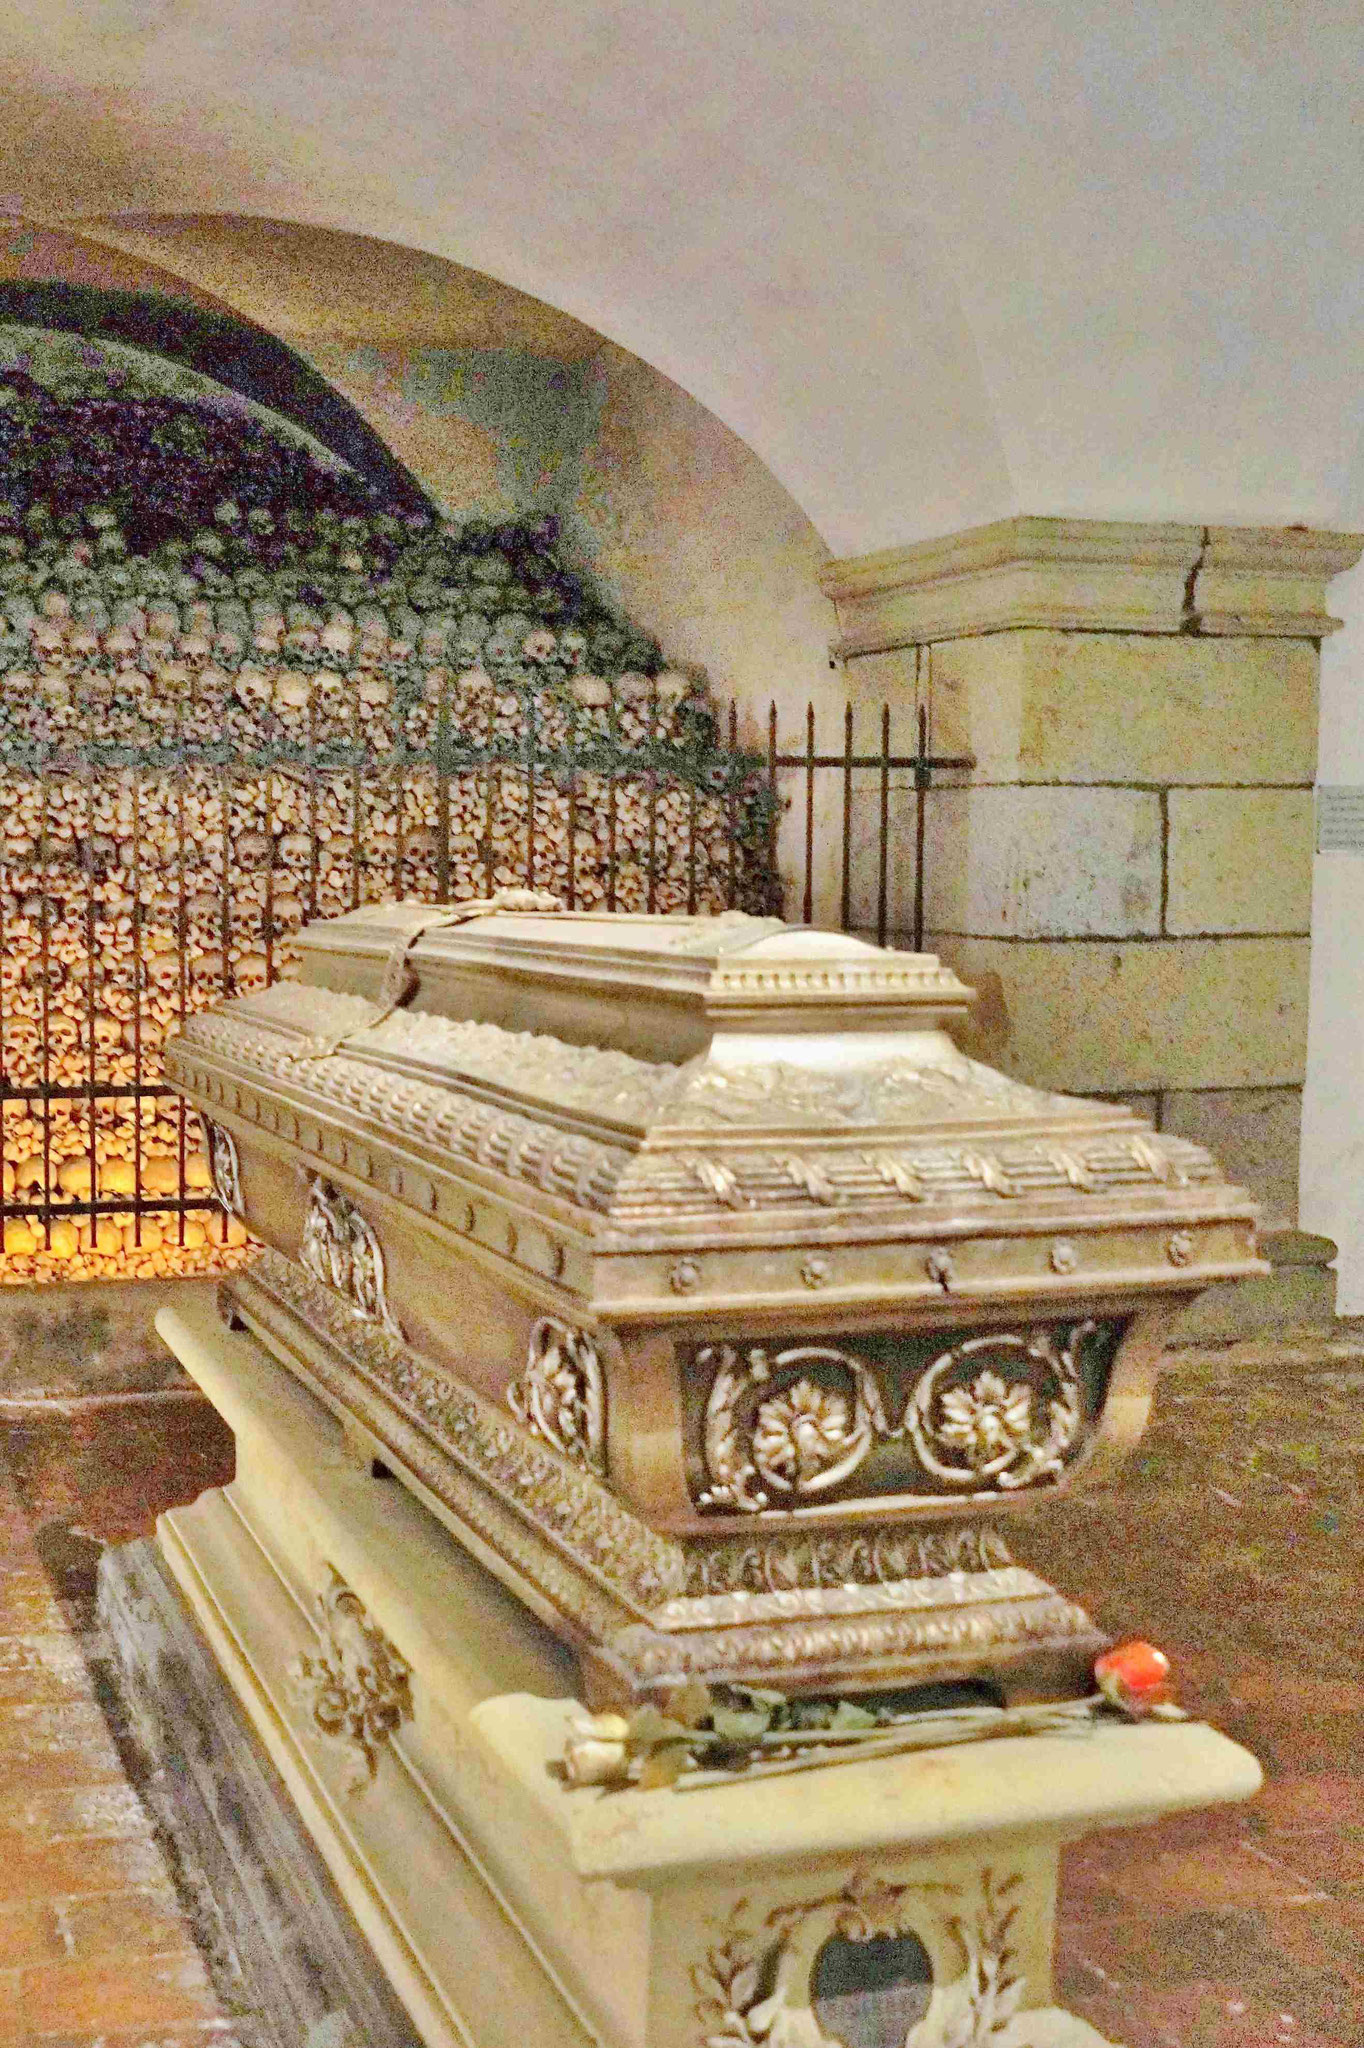 Letzte Ruhestätte Bruckners in der Krypta unter der Orgel